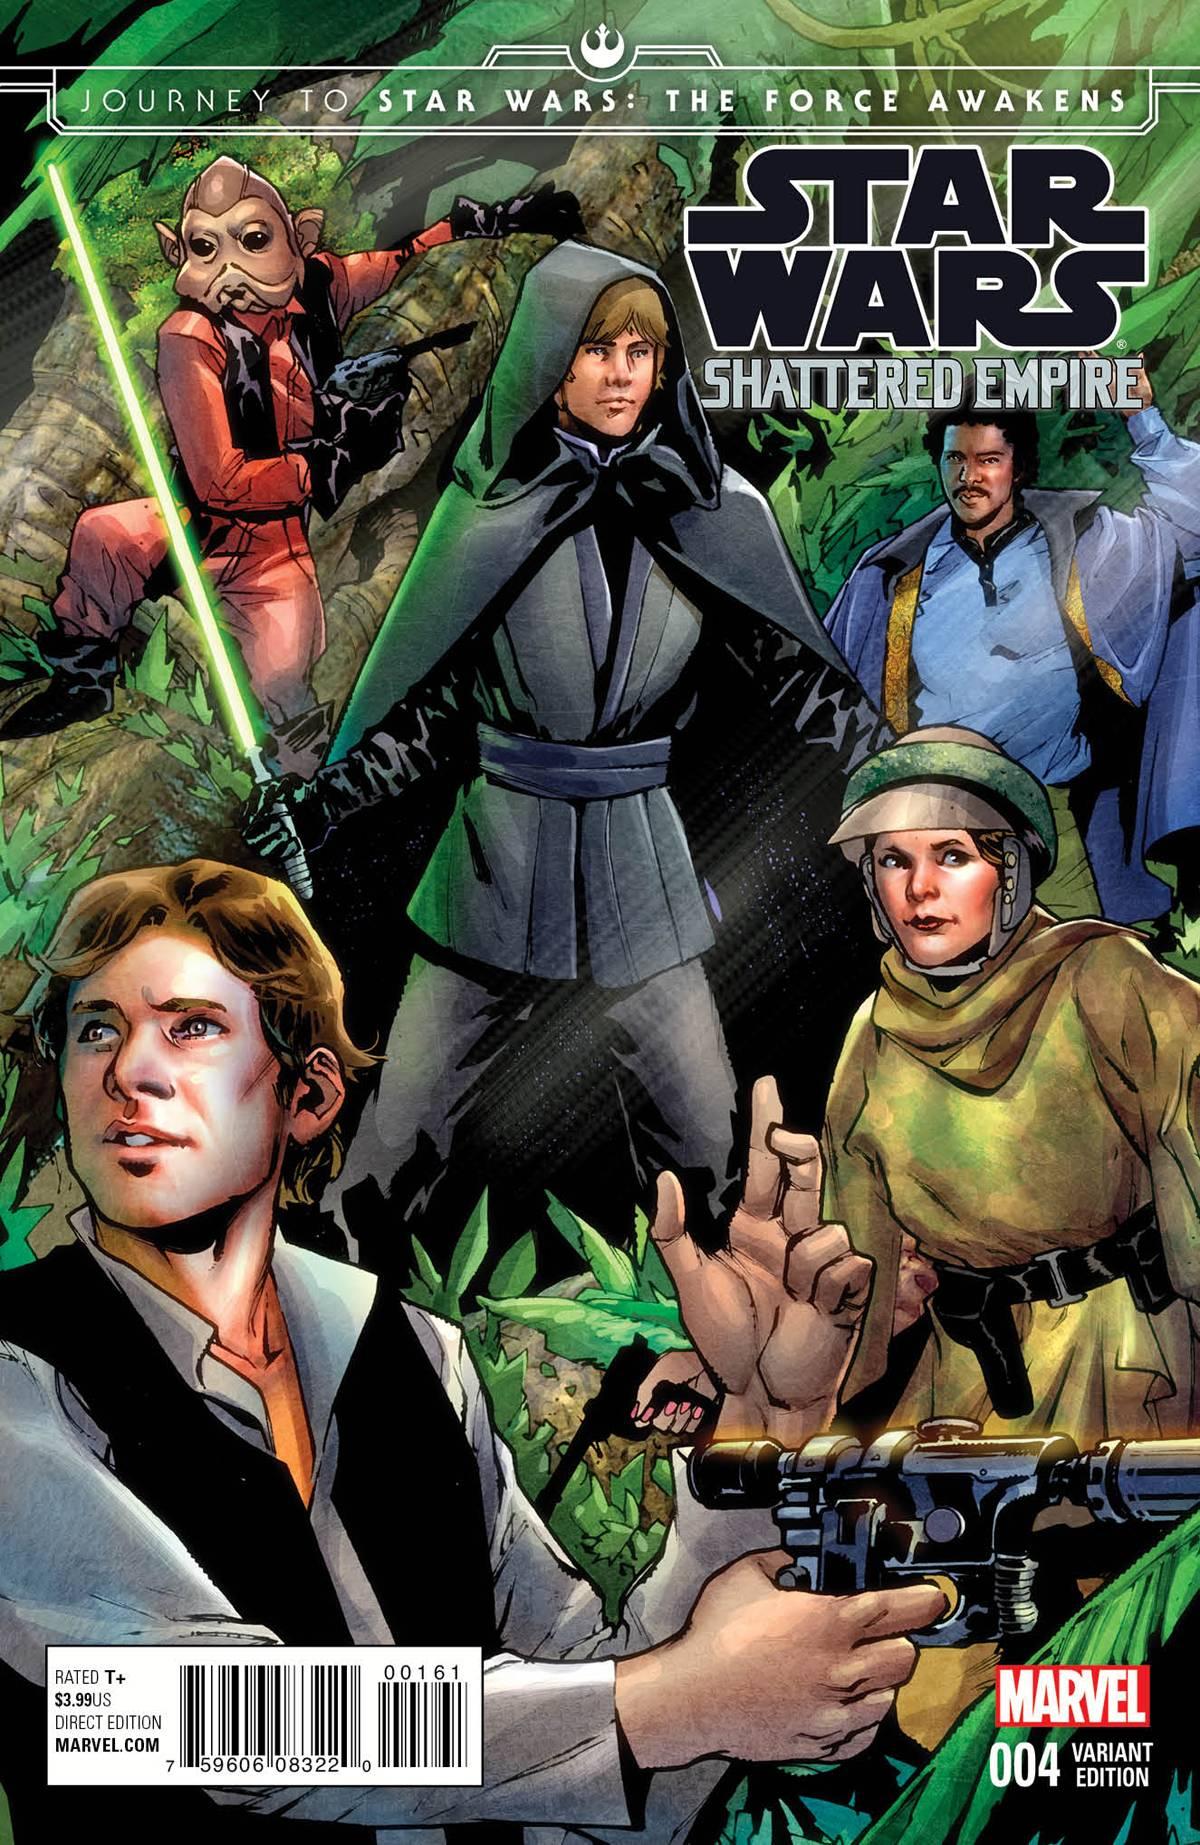 Shattered Empire #4 (Sara Pichelli Variant Cover) (21.10.2015)